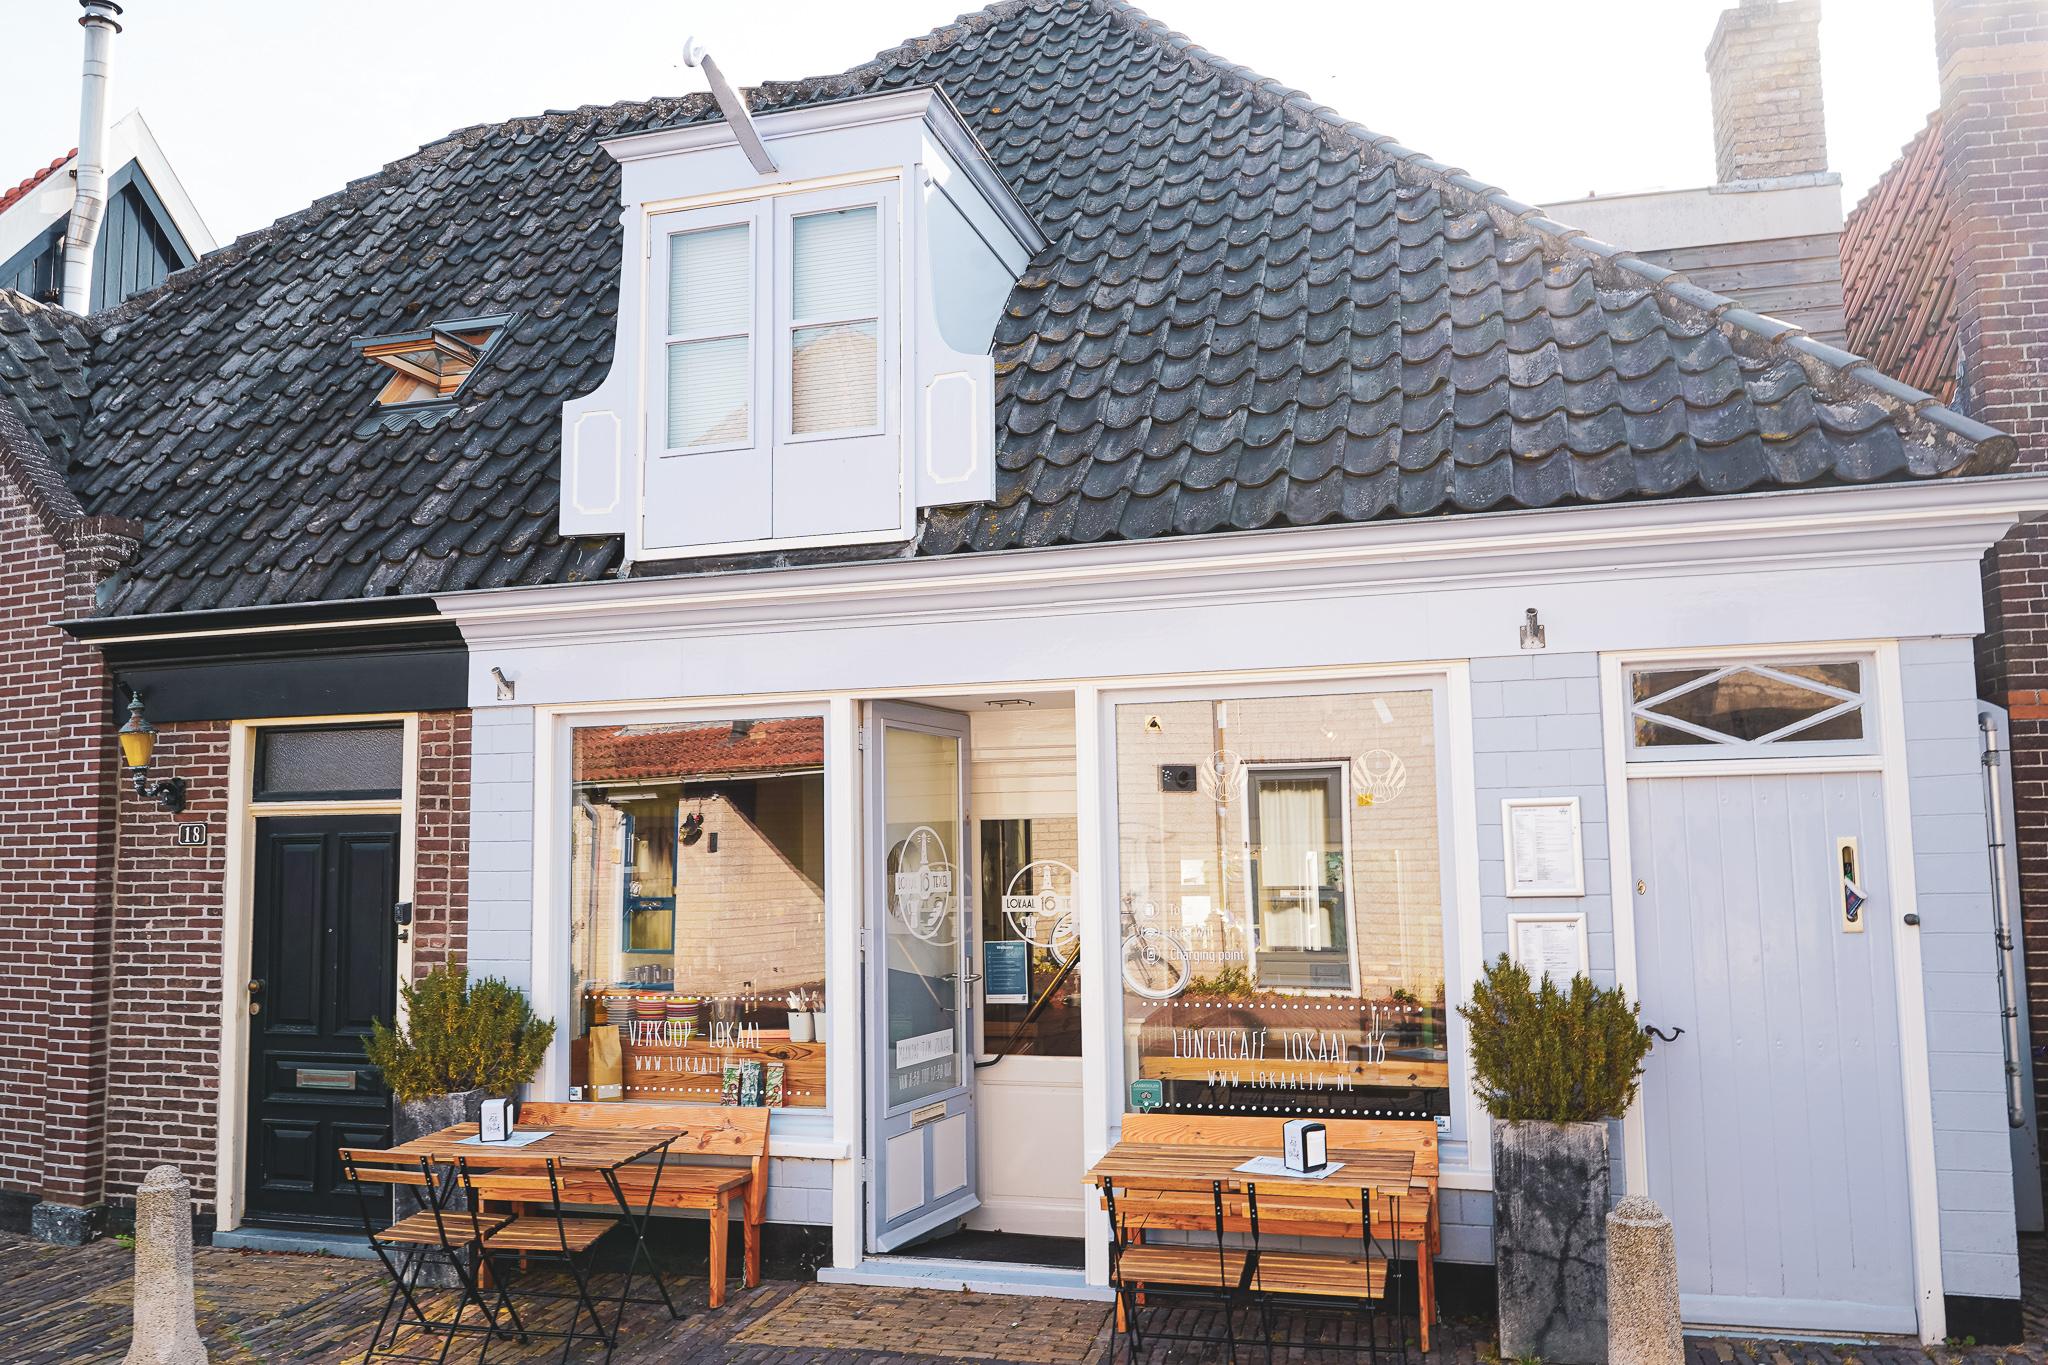 Texel - wat te doen - travelnote reisblog